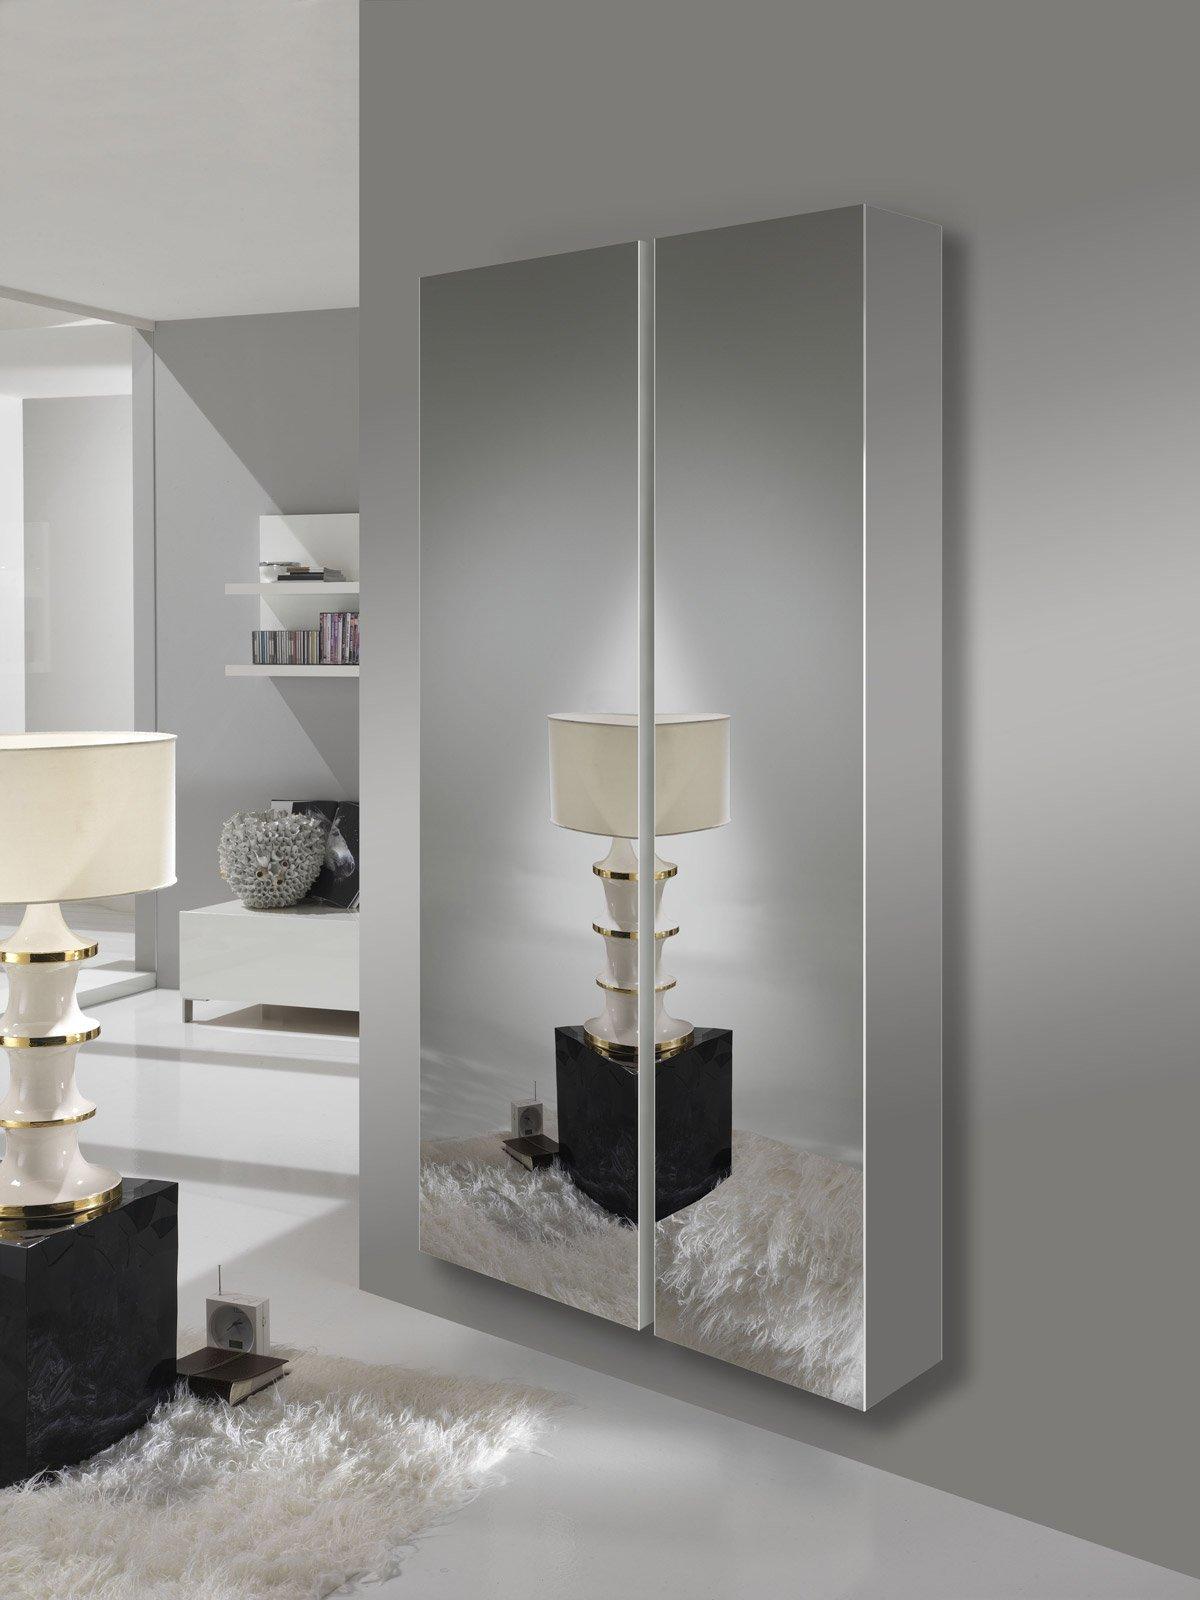 Isaloni 2015 armadi cabine cassettiere tutti da esibire for Specchi da camera da letto